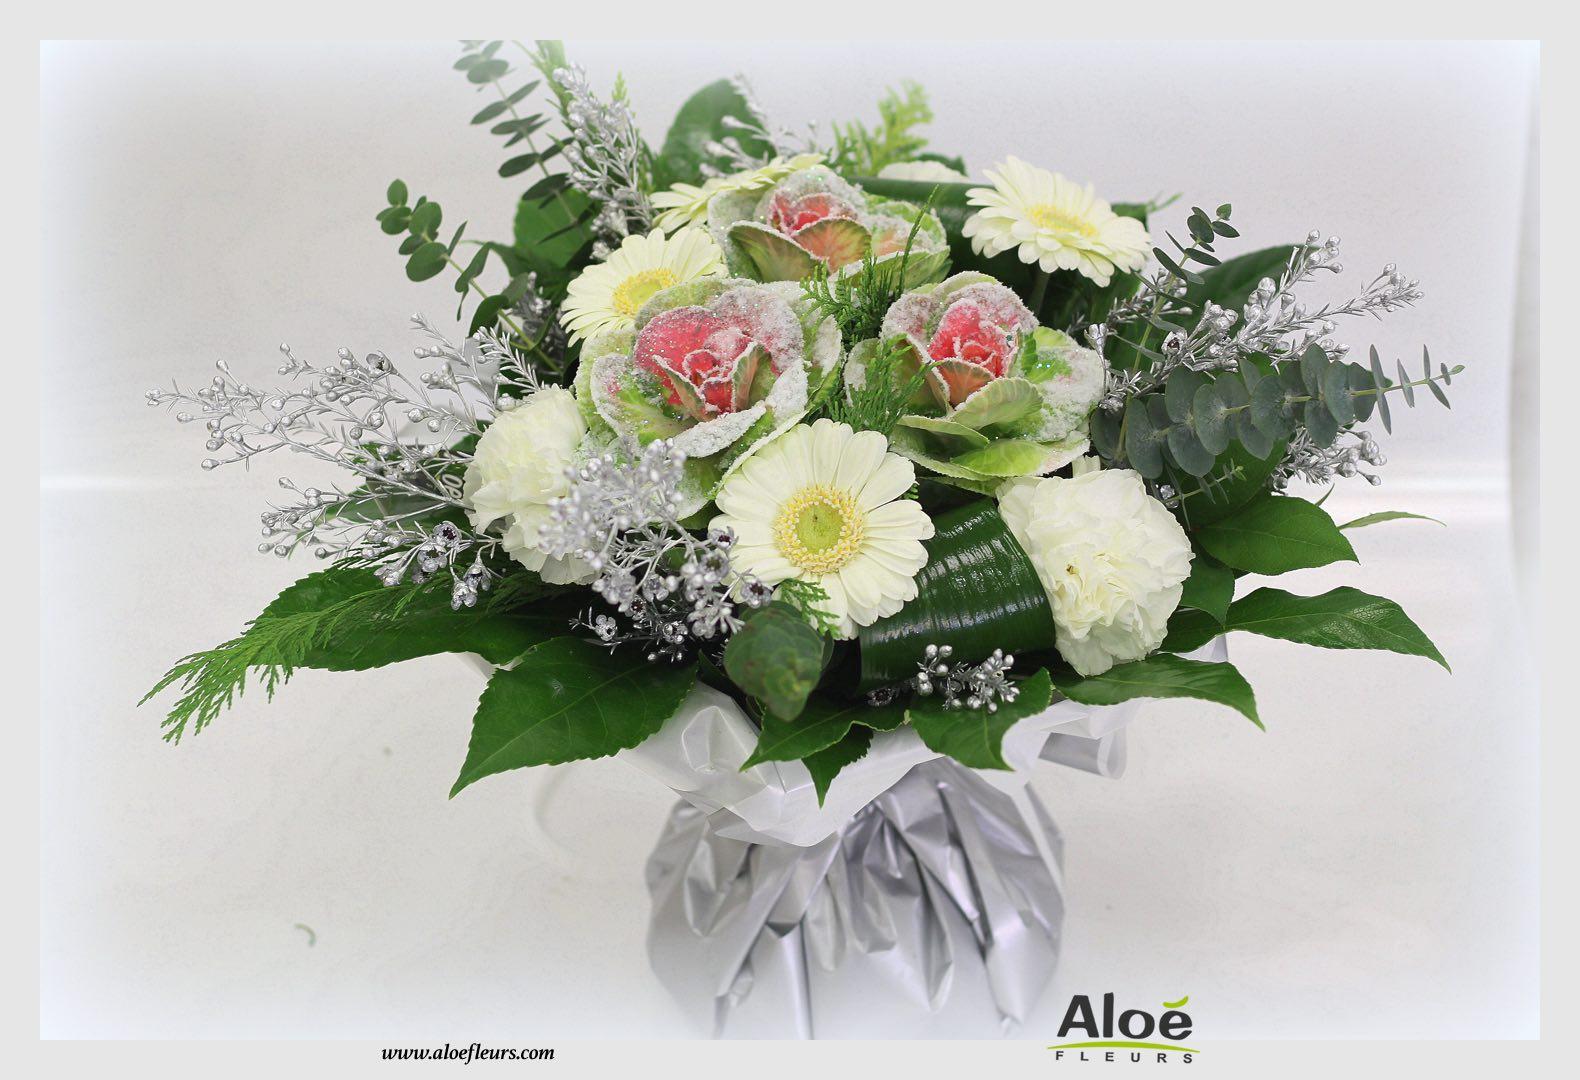 Bouquet De Fleurs Noel Aloe Dec201516 Aloe Fleurs